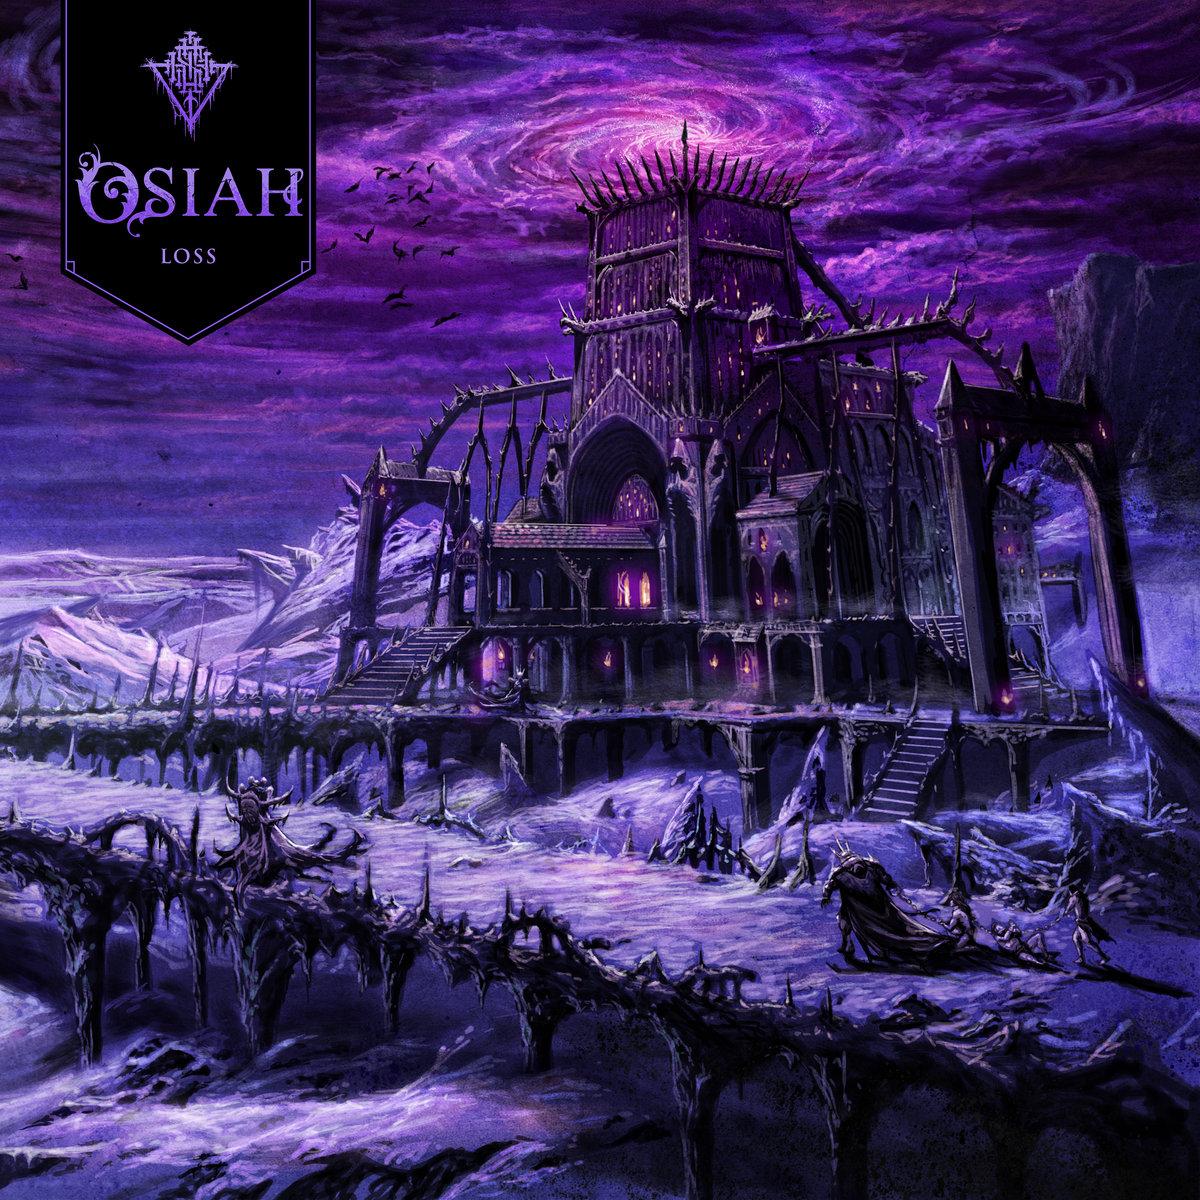 osiah loss